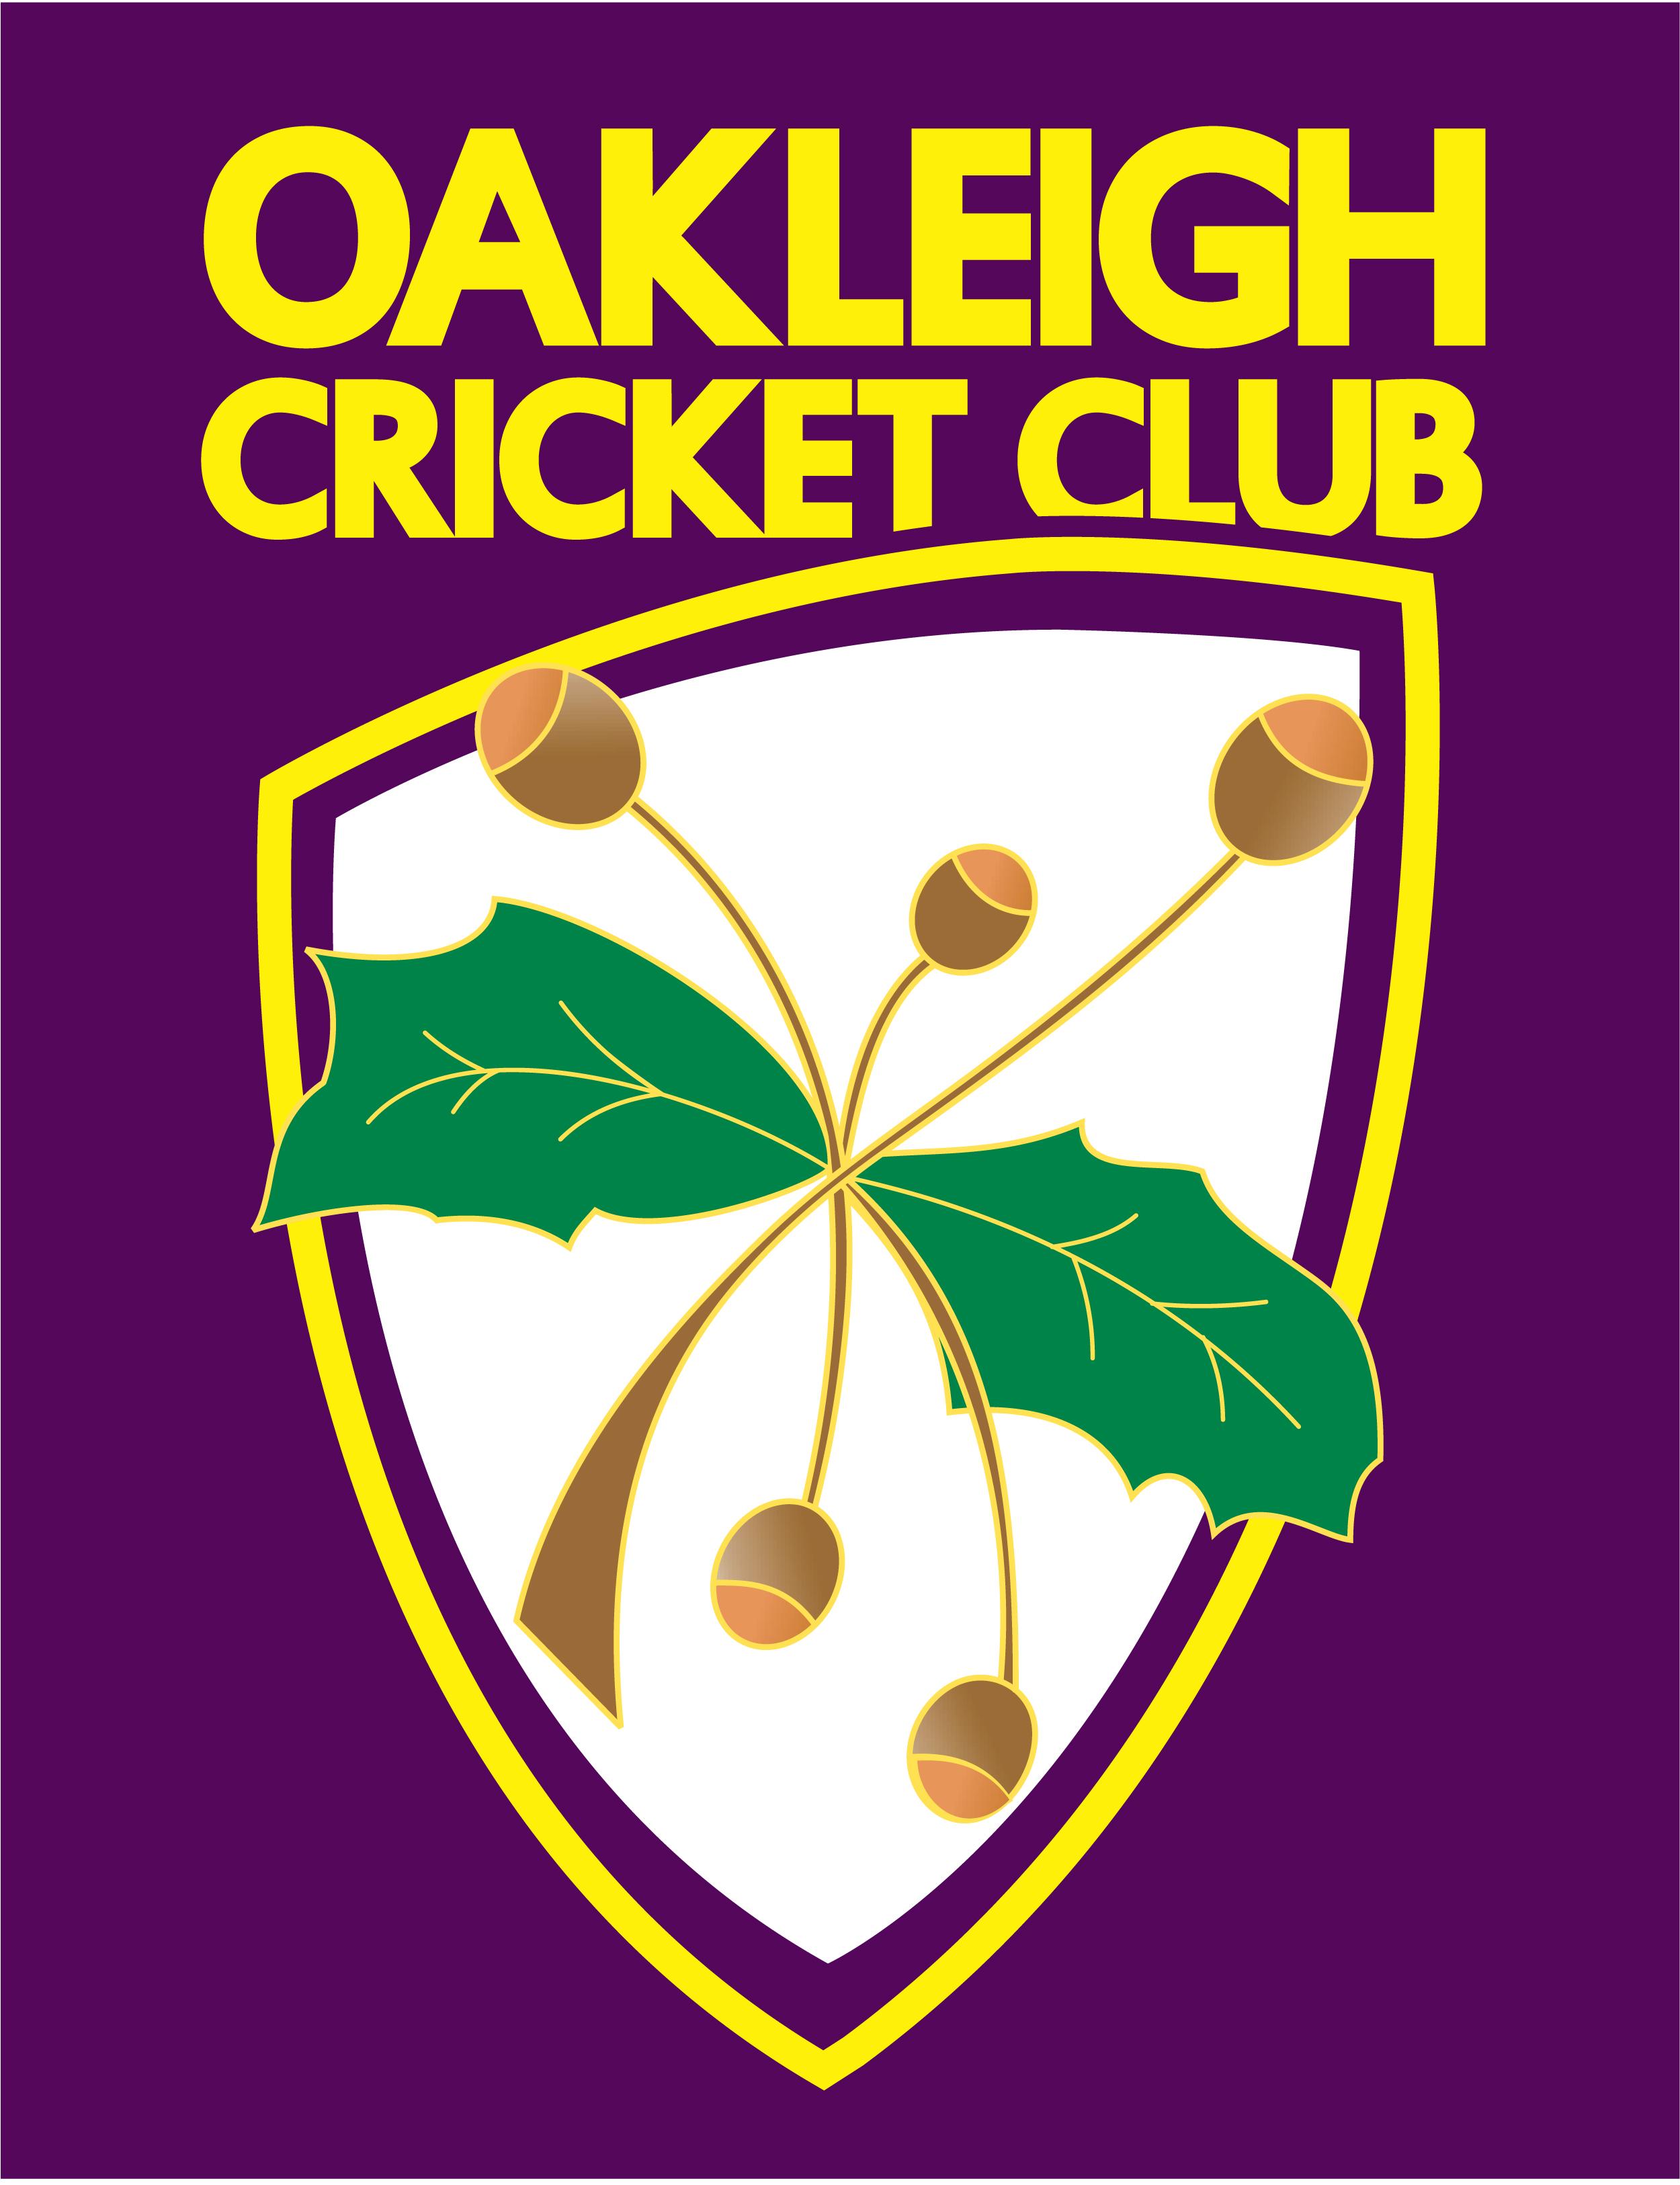 OakleighCricketClub_OnPurple